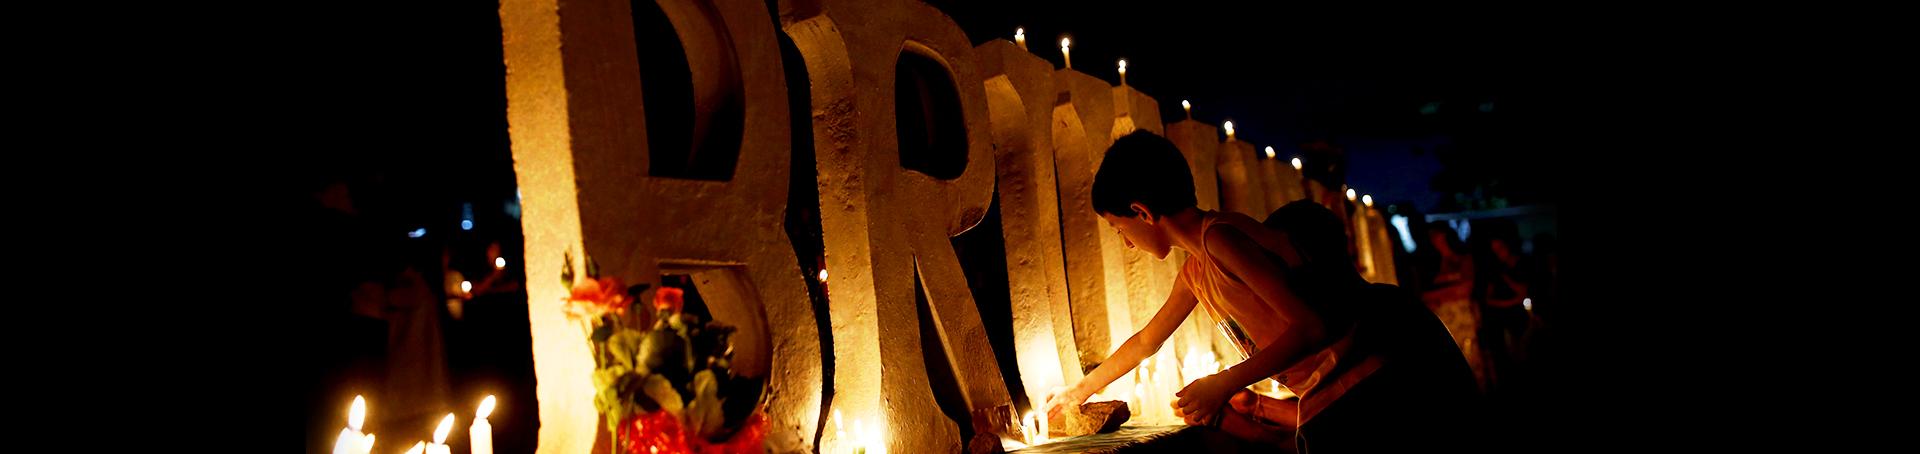 Fotos das letras de Brumadinho com velas e rosas em volta